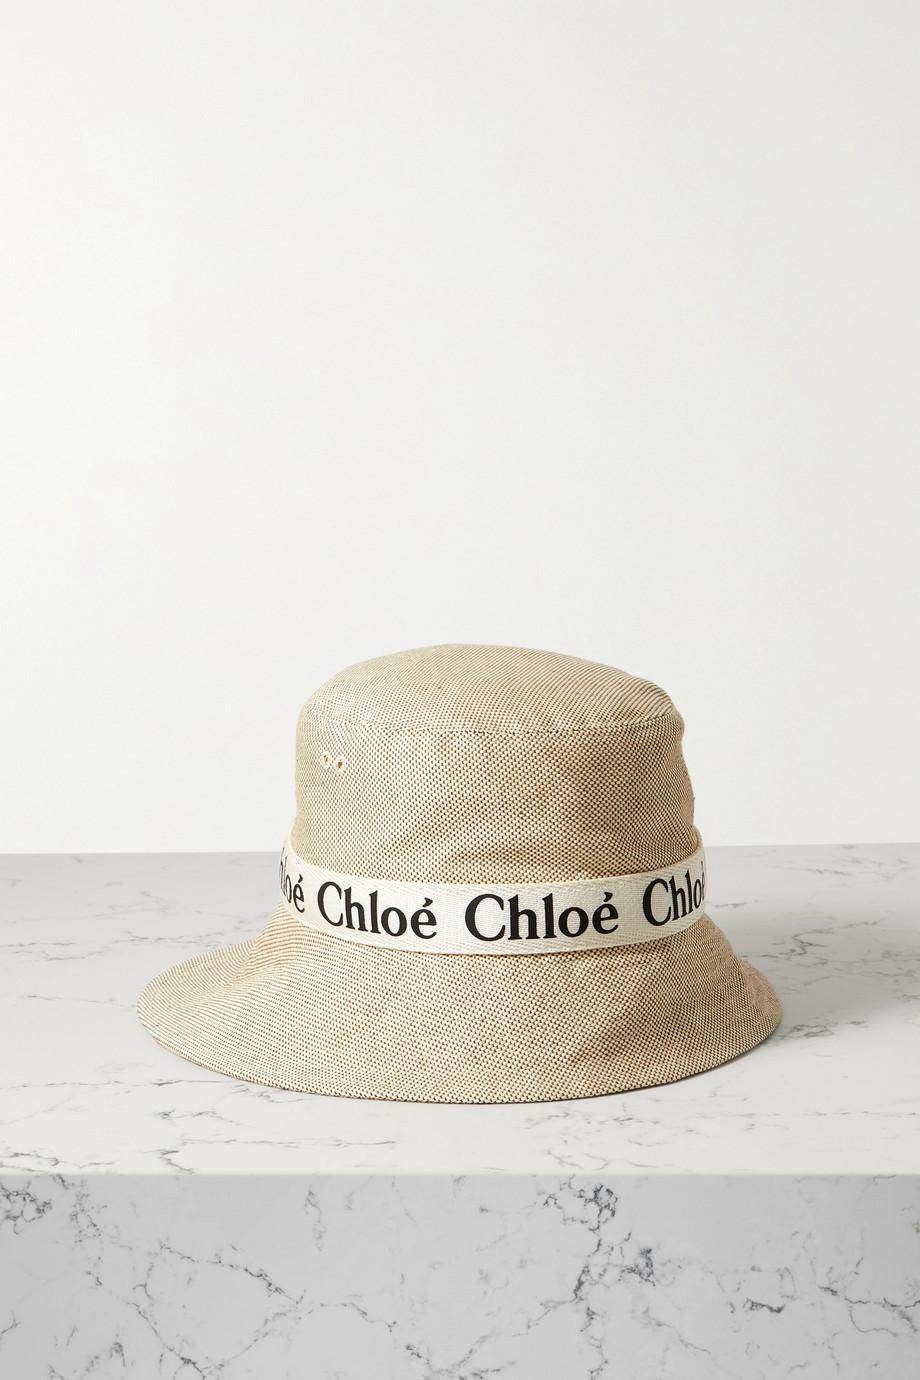 Chloé Fischerhut aus Baumwoll-Canvas mit Lederbesatz